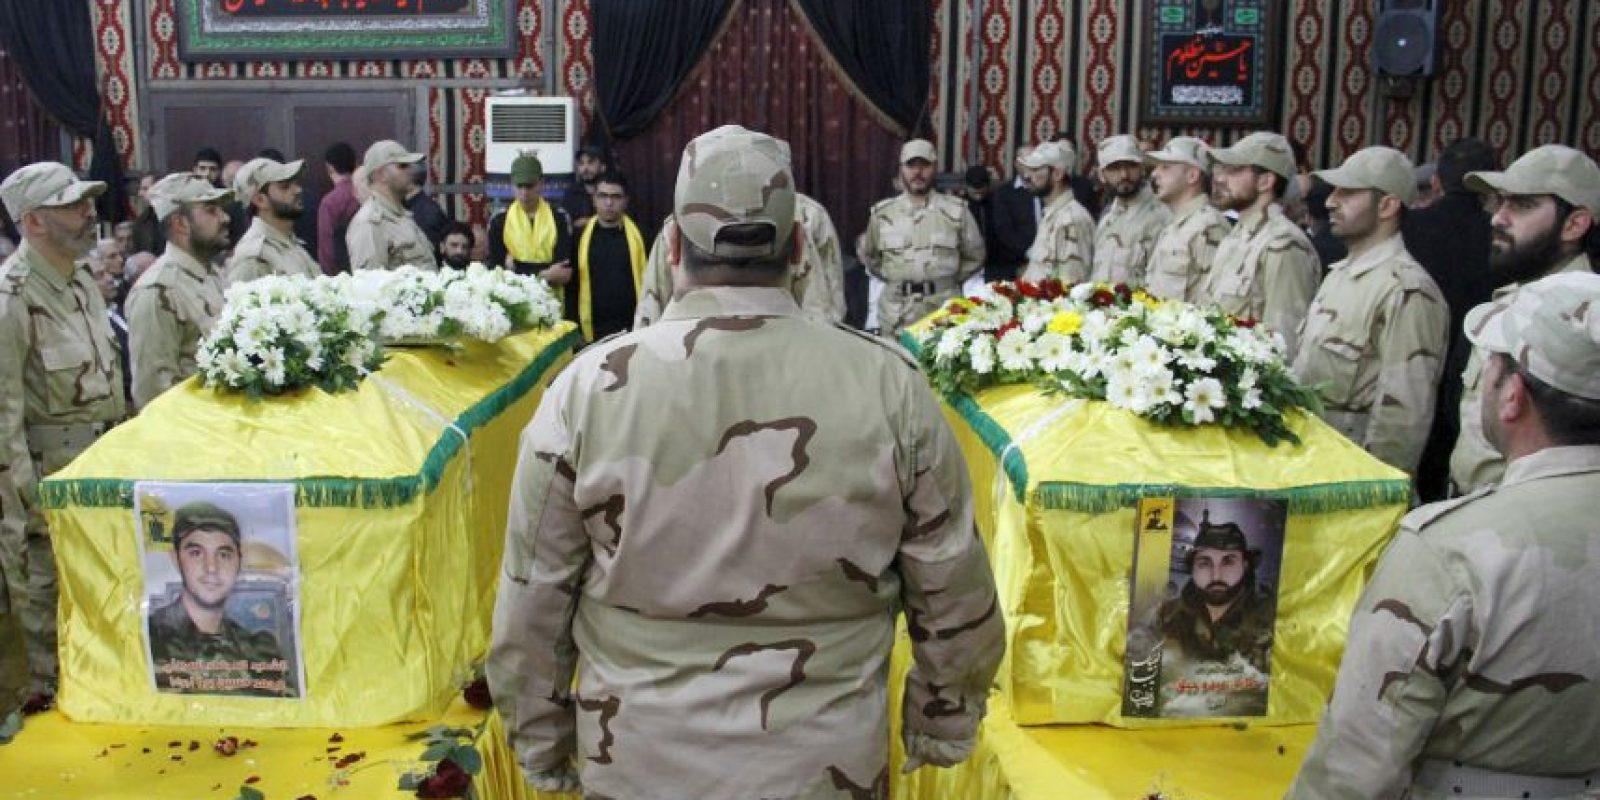 Recientemente el grupo terrorista Boko Haram le juró lealtad al Estado Islámico. Foto:AFP